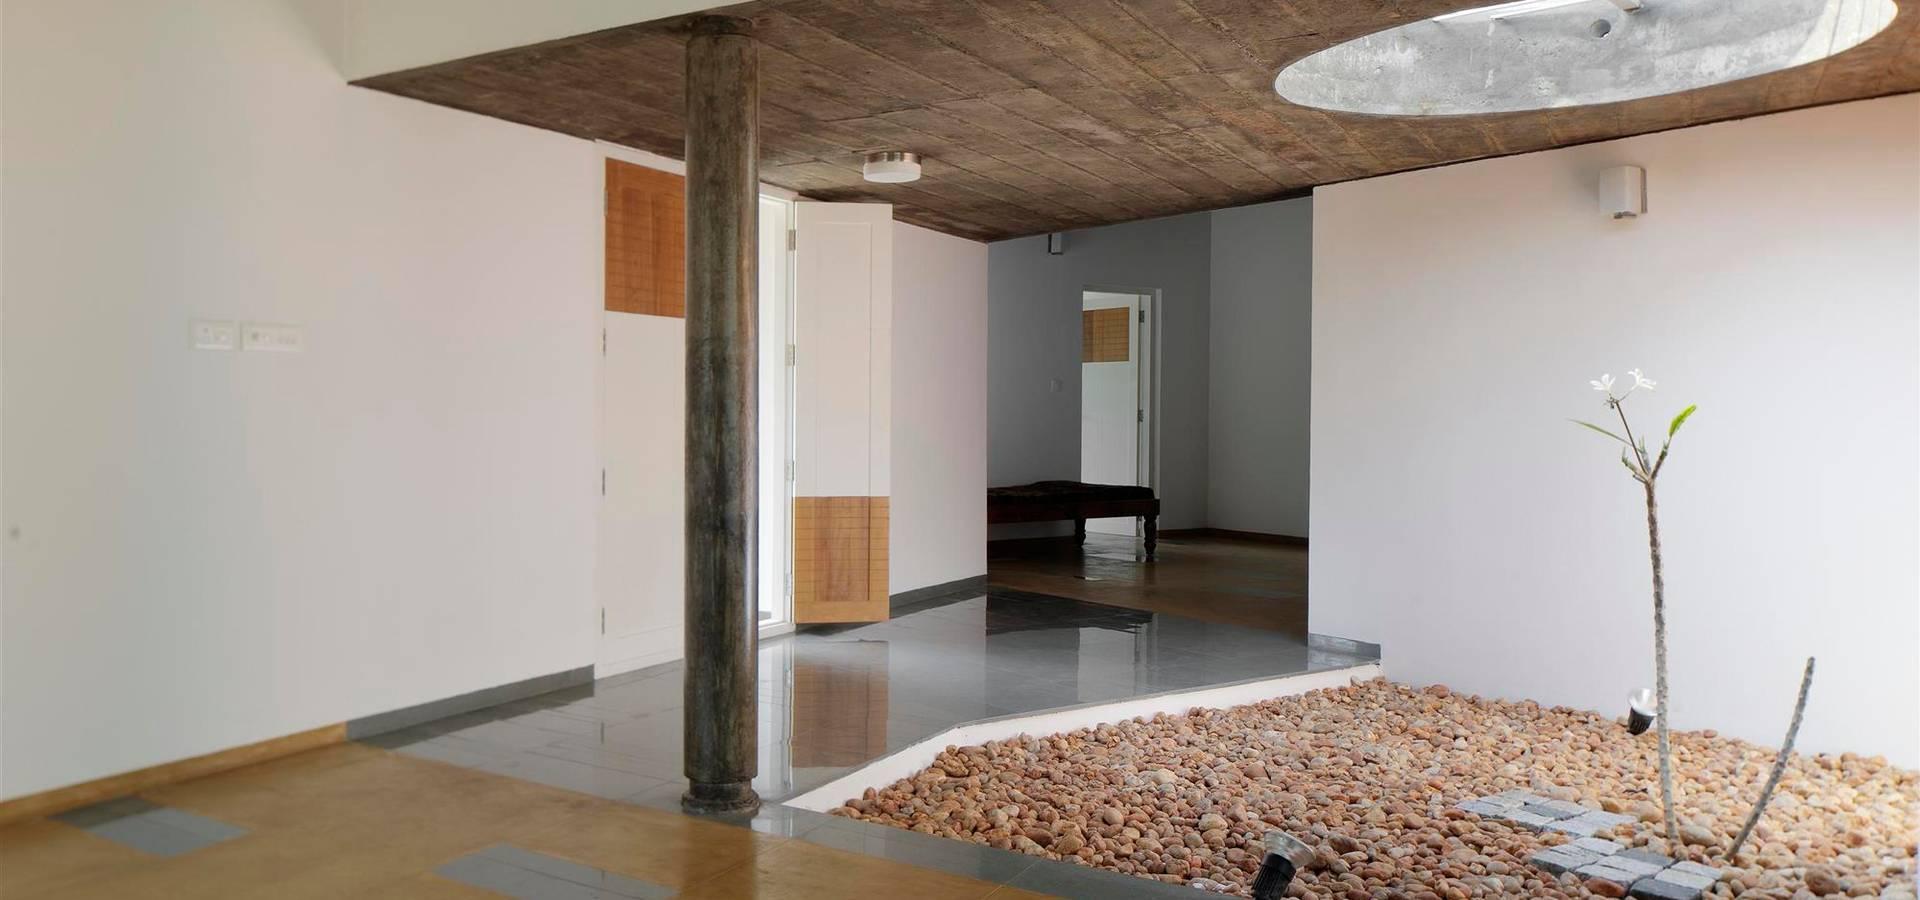 LIJO.RENY.architects